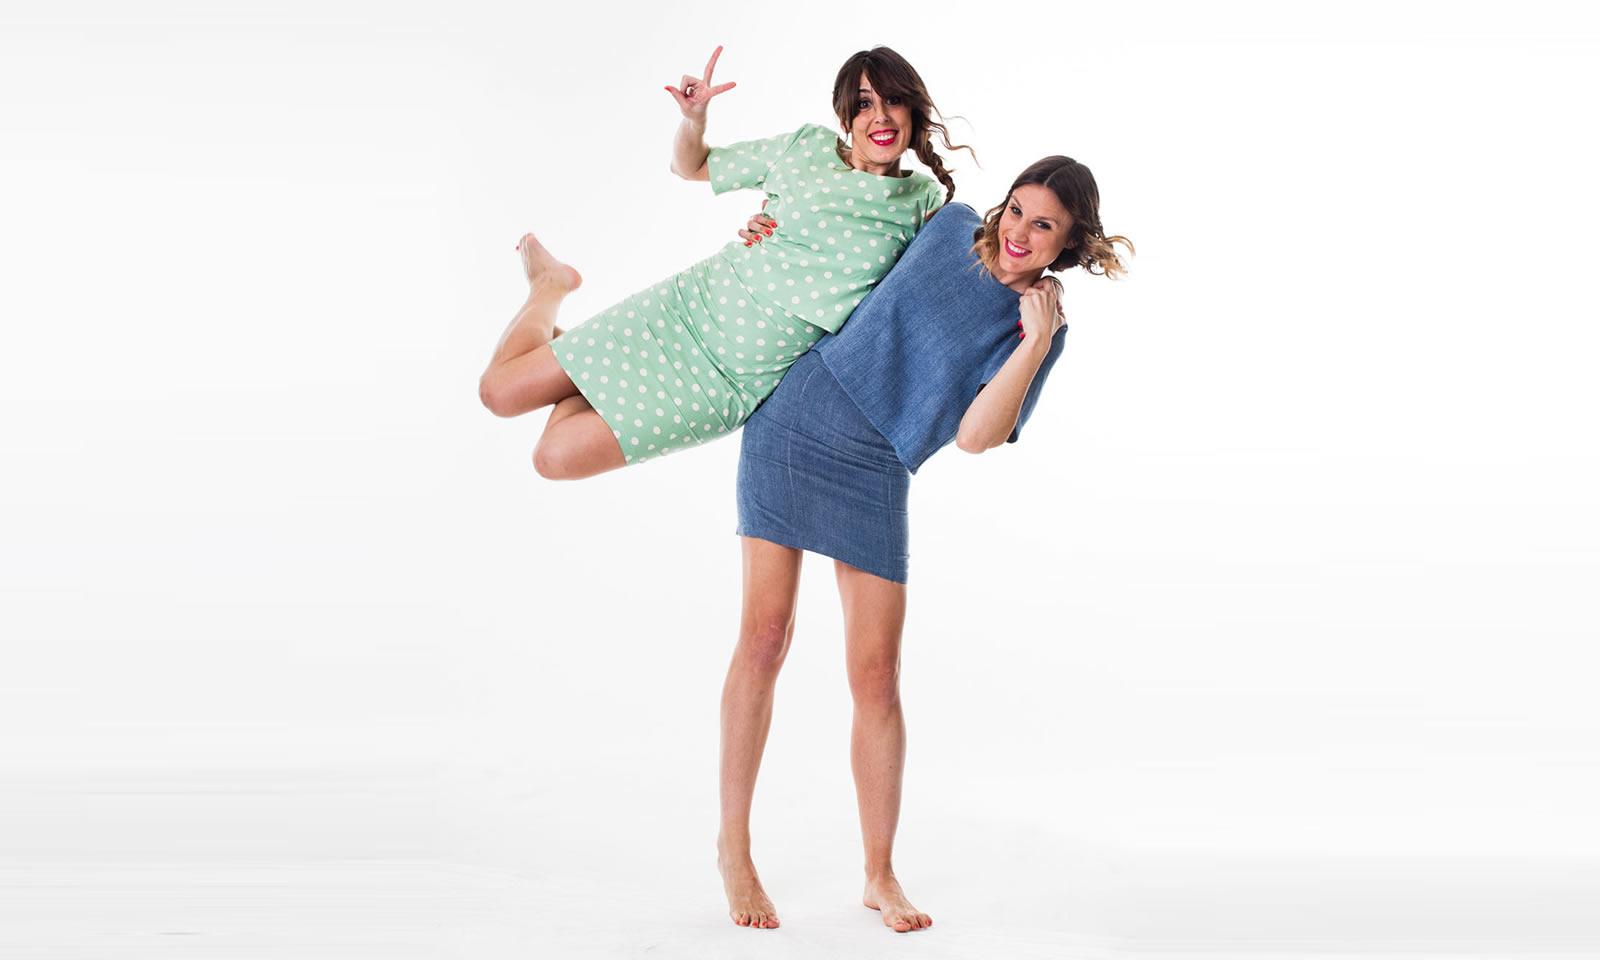 Roque and Rita